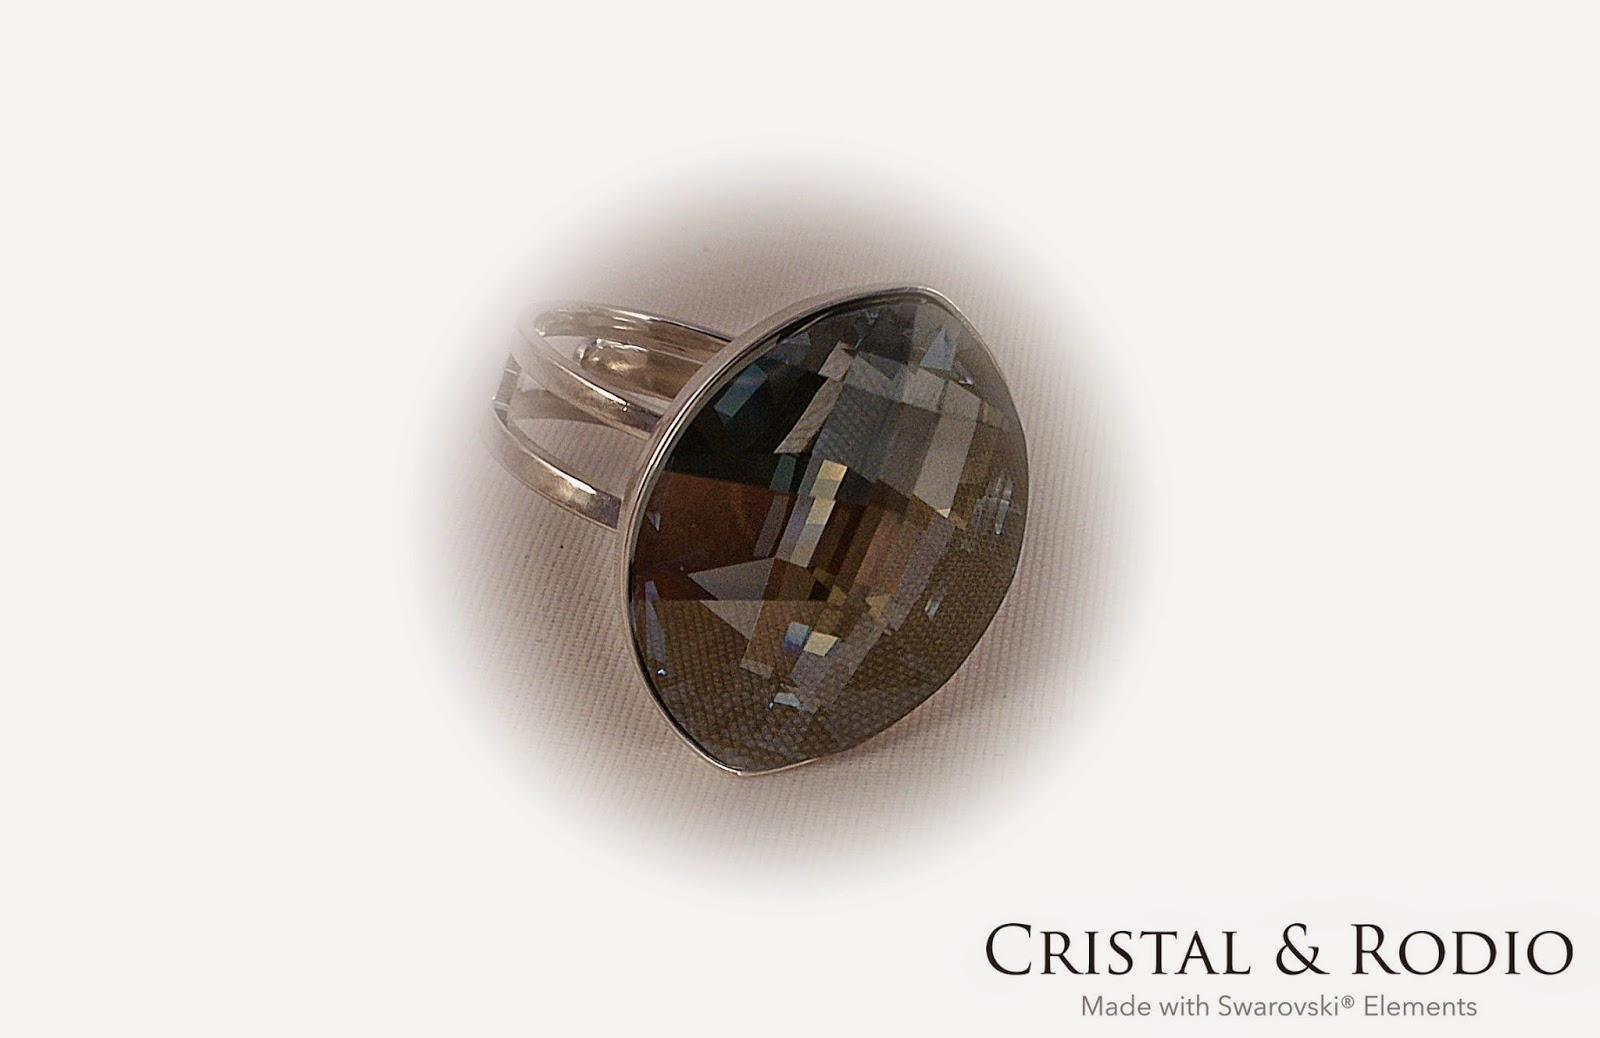 Anillo con cristales de swarovski i sin garra cristal y for Anillos de rodio precio